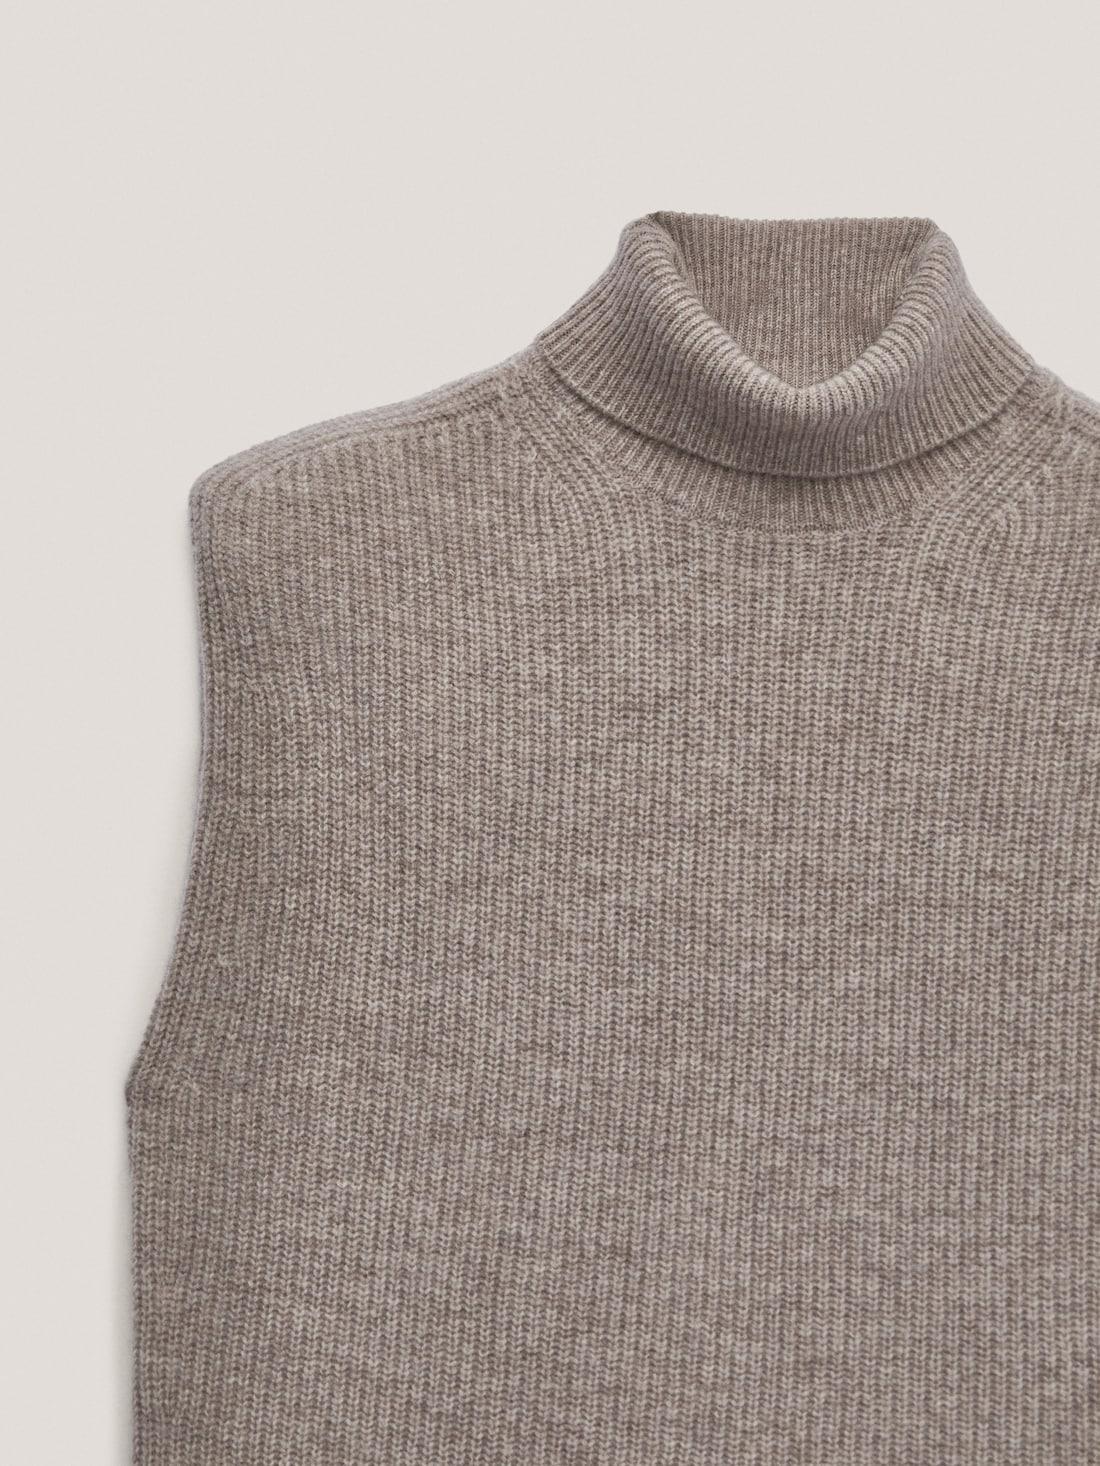 Трикотажный жилет из шерсти и кашемира НОРКА Massimo Dutti